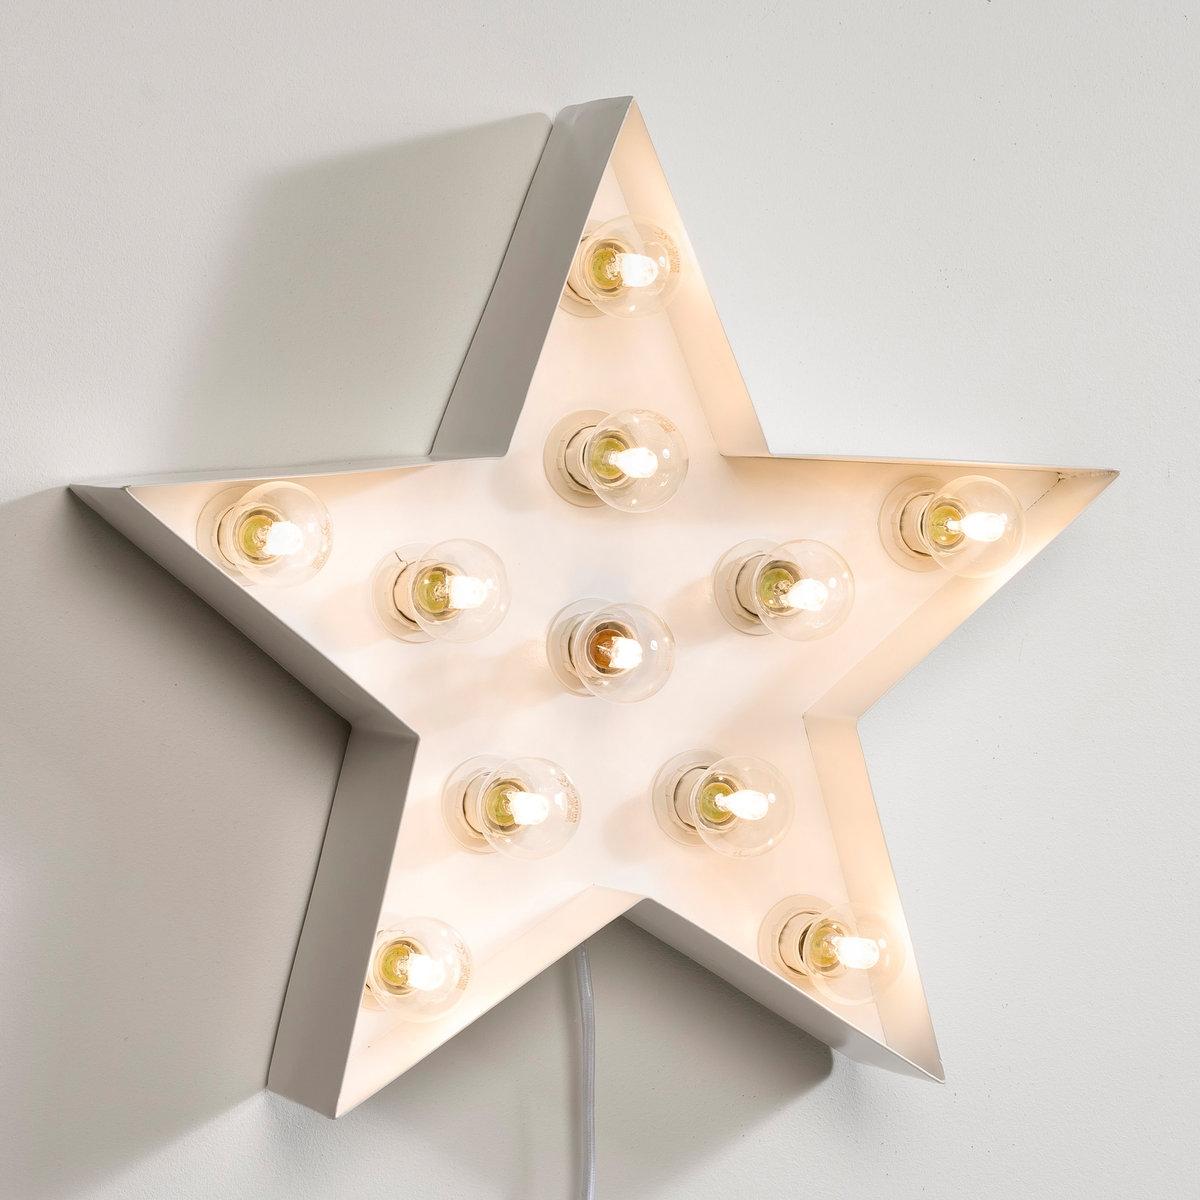 Светильник декоративный, SternaЭтот подвесной светильник в виде звезды подсветит ваши теплые вечера в современном полэтическом стиле, идеальном для Новогодних праздников !Характеристики светильника  Sterna  :Металлический каркас в форме звезды с 5 ответвлениями, покрытыми белой матовой эпоксидной эмалью .11 патронов E14 для лампочек макс 40W (не входят в комплект), энергетический класс A B C D EЭлектрифицированный Шнур питания длиной 1м 50 с выключателем .Не для использования на улицеМожно повесить над камином или на стену .Другие оригинальные предметы декора вы можете найти на сайте laredoute.ru.Размер светильника  Sterna  :50 x 50 x 10 см<br><br>Цвет: белый